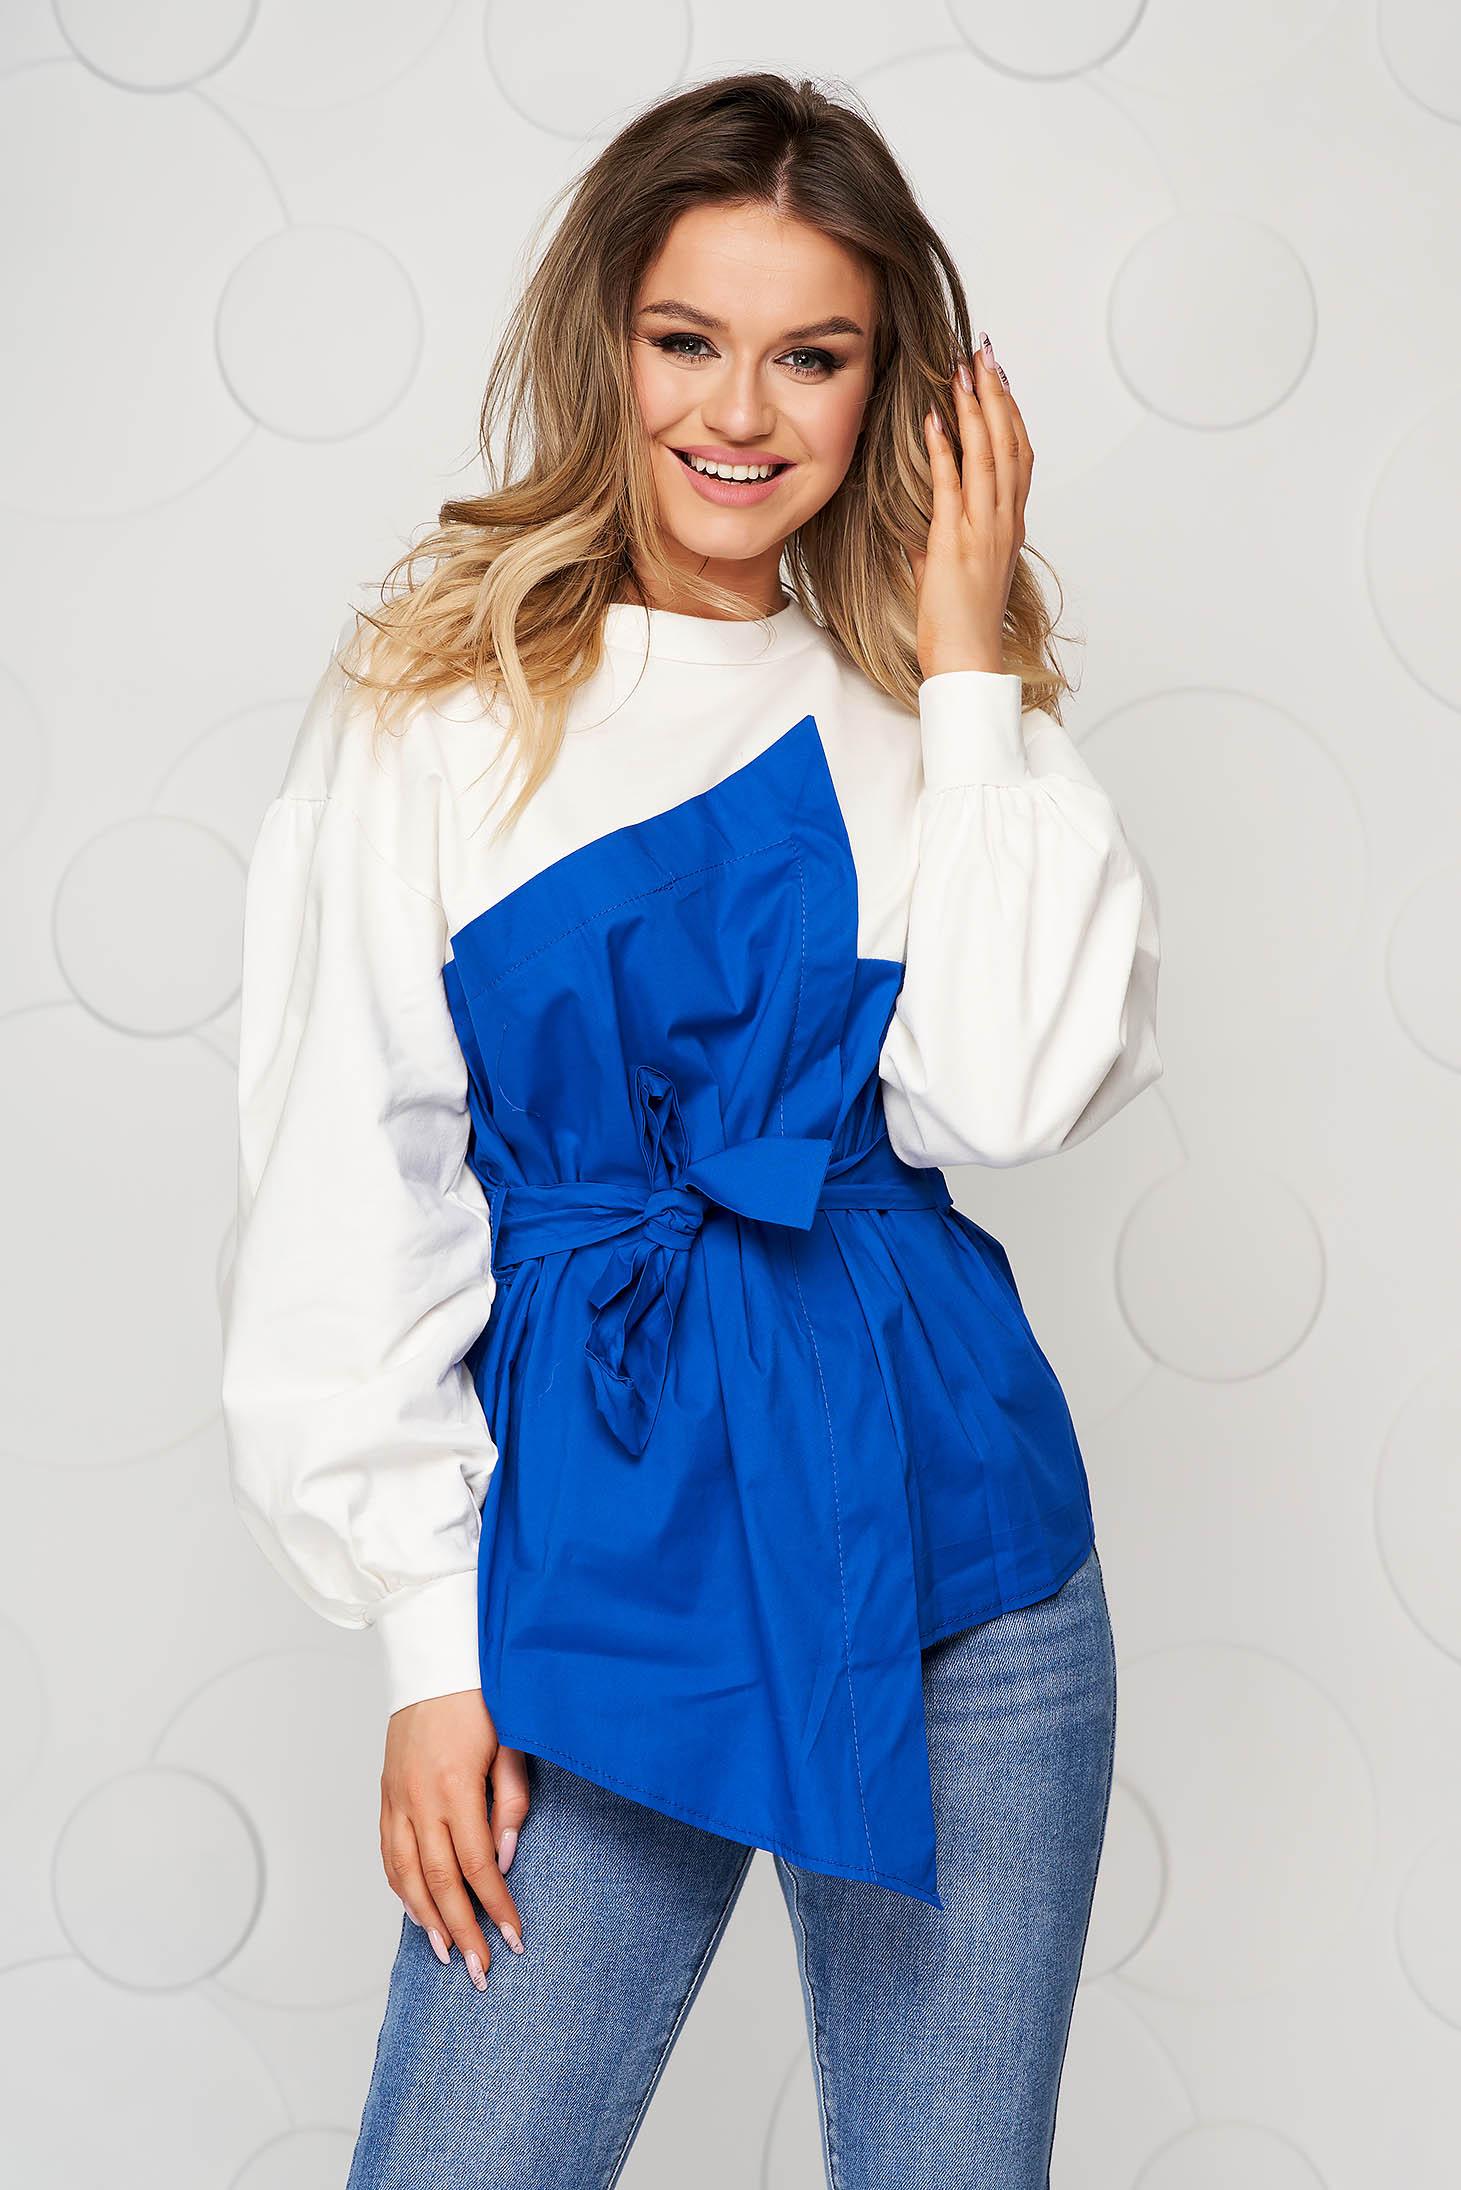 Bluza dama SunShine albastra din bumbac cu croi larg accesorizata cu cordon